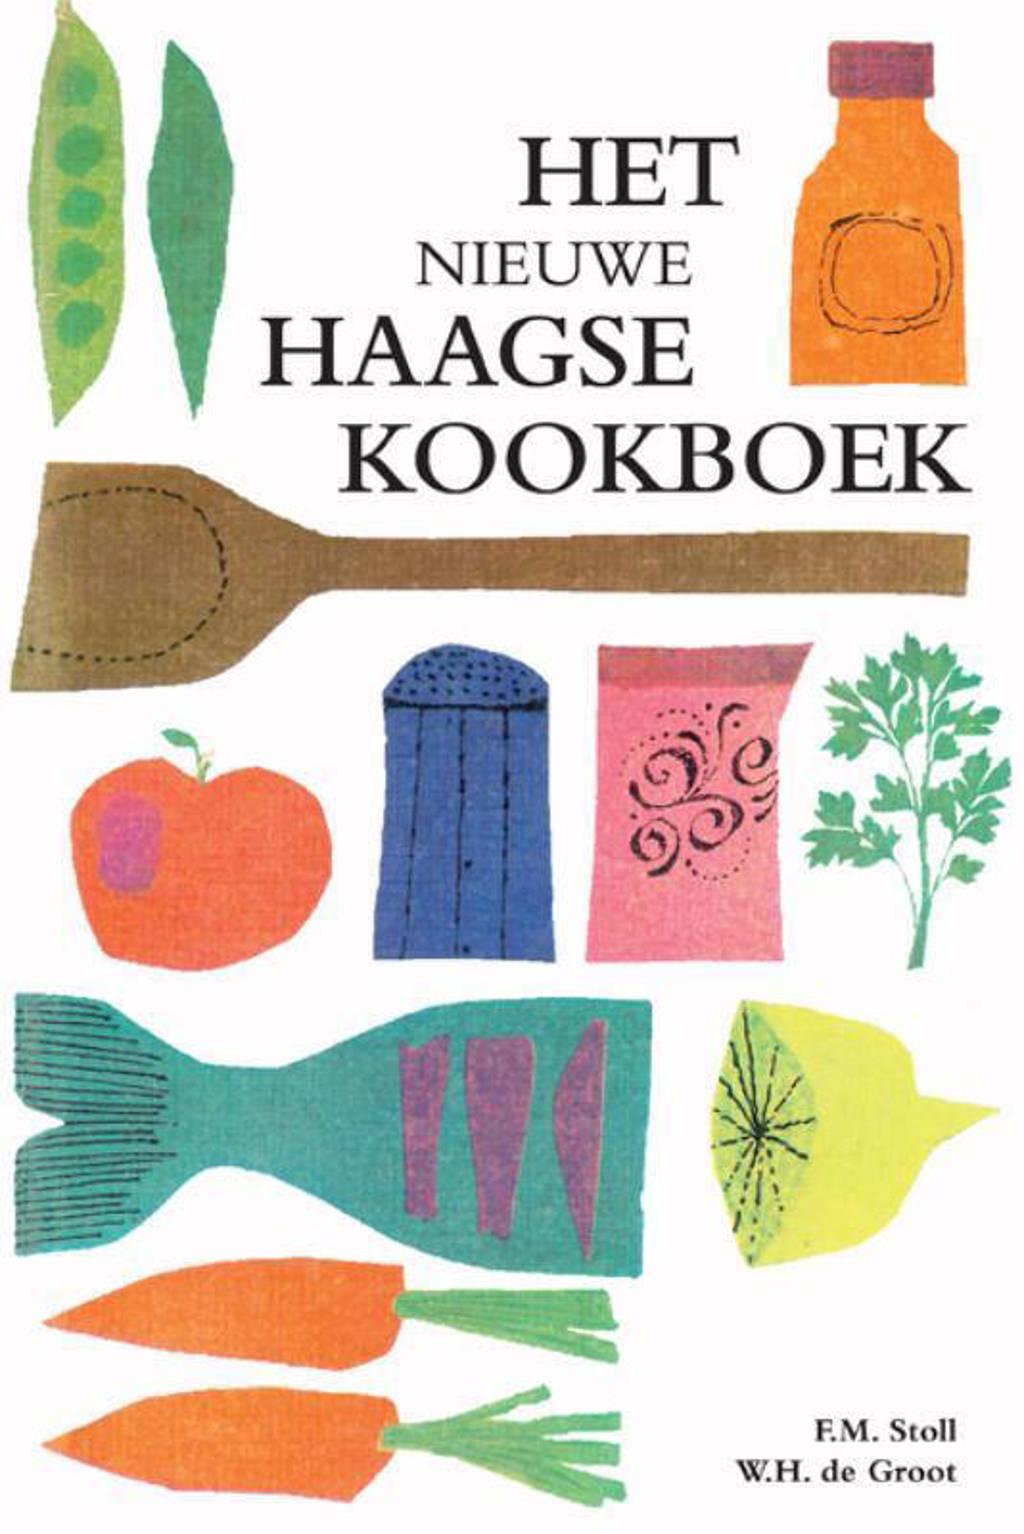 Het nieuwe Haagse kookboek - F.M. Stoll en W.H. de Groot